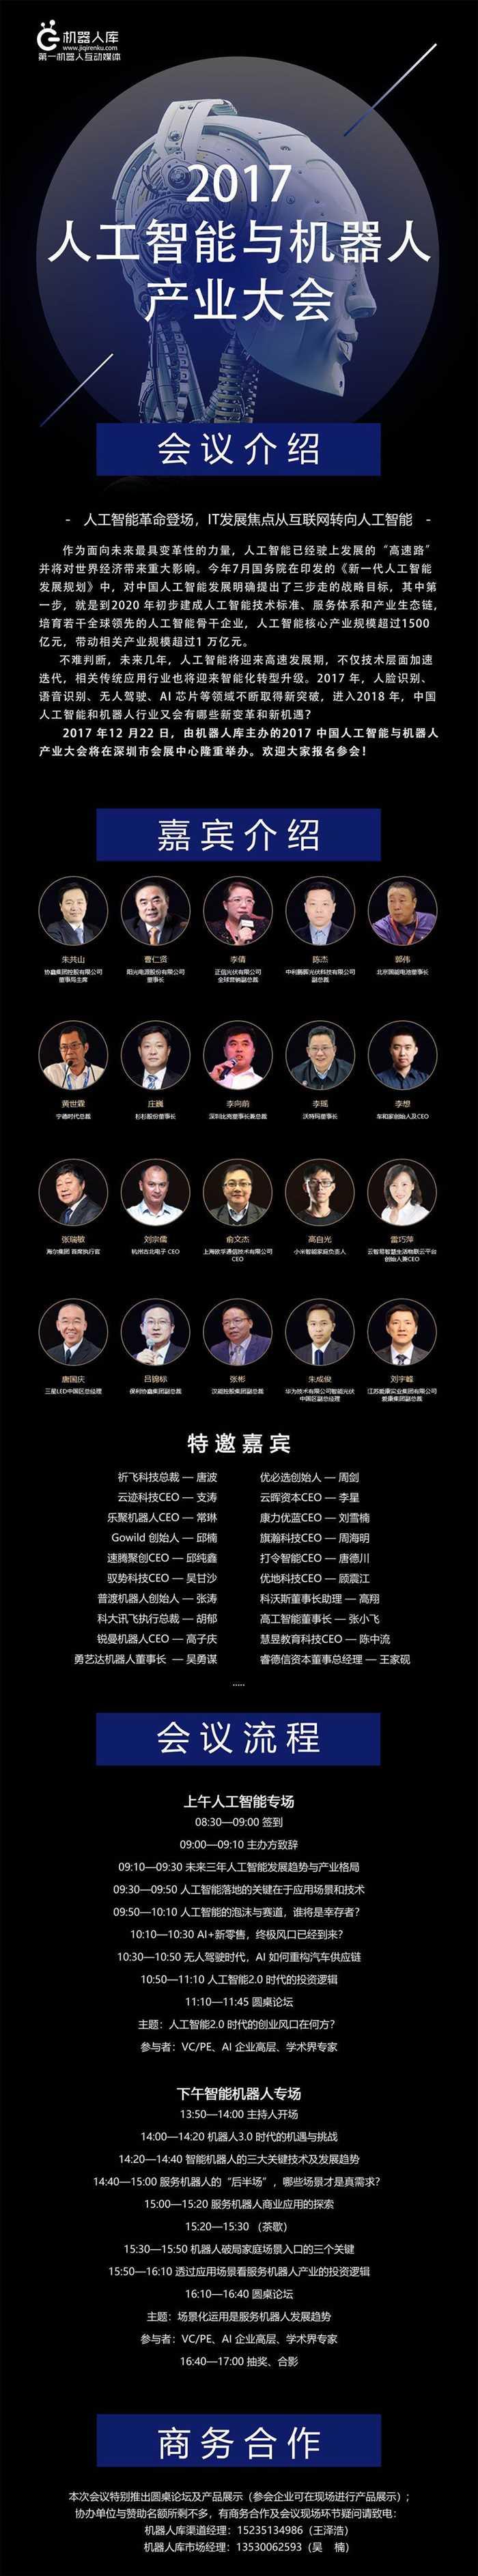 huiyijieshao.jpg